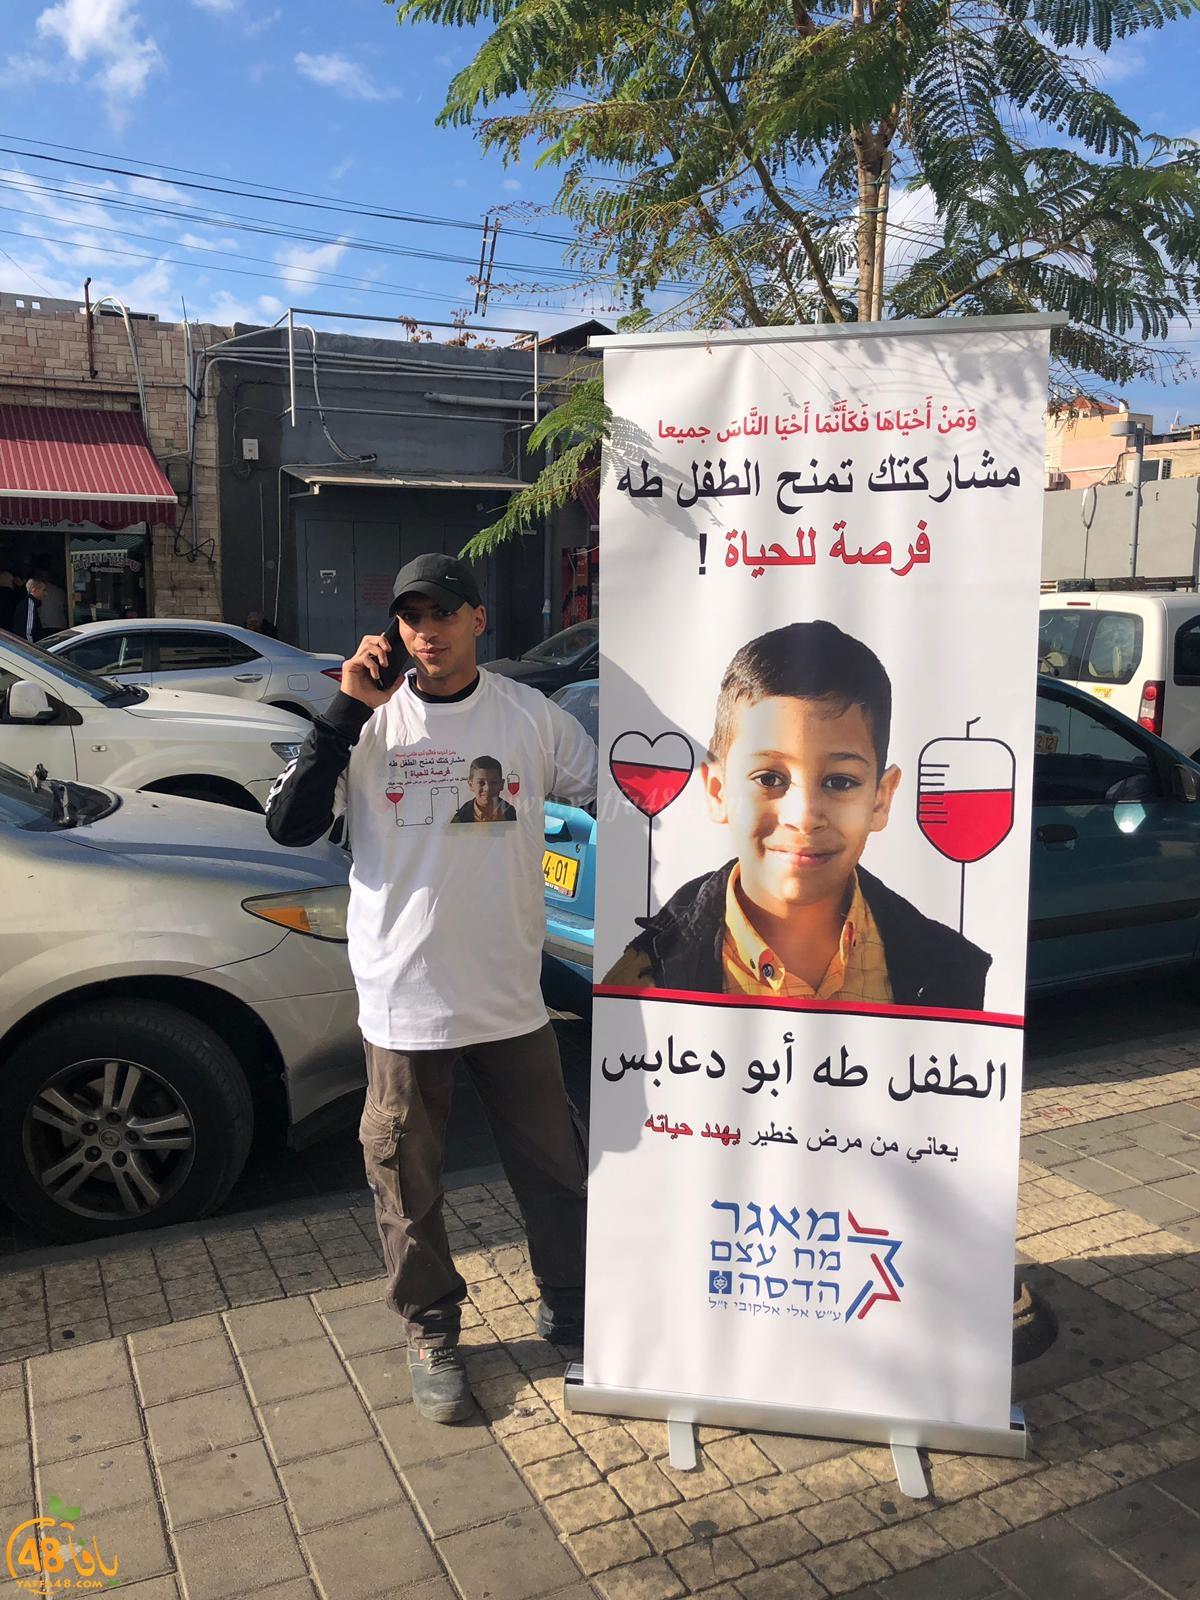 مشاركة واسعة في حملة إنقاذ حياة الطفل طه أبو دعابس بمساجد يافا